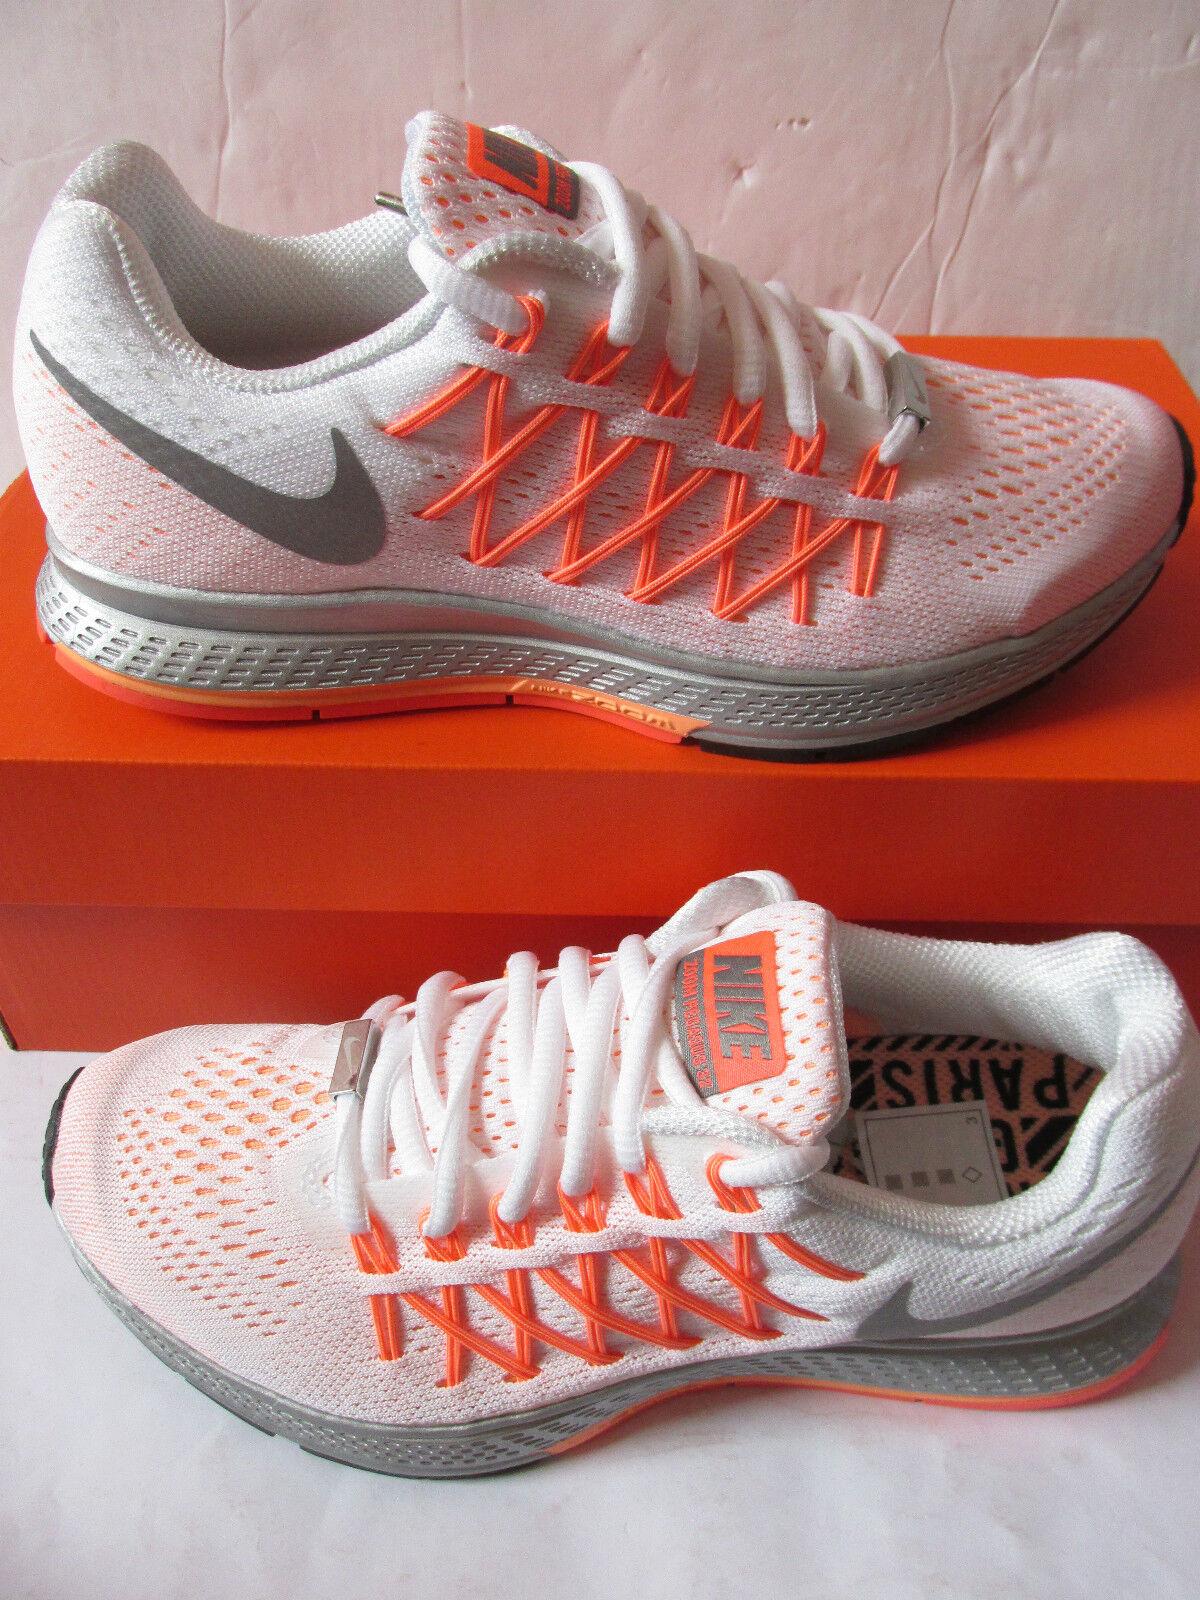 Nike pegaus Da Donna Air Zoom pegaus Nike 32 Taglia in esecuzione Scarpe da ginnastica 789694 100 Scarpe Da Ginnastica Scarpe 11731a